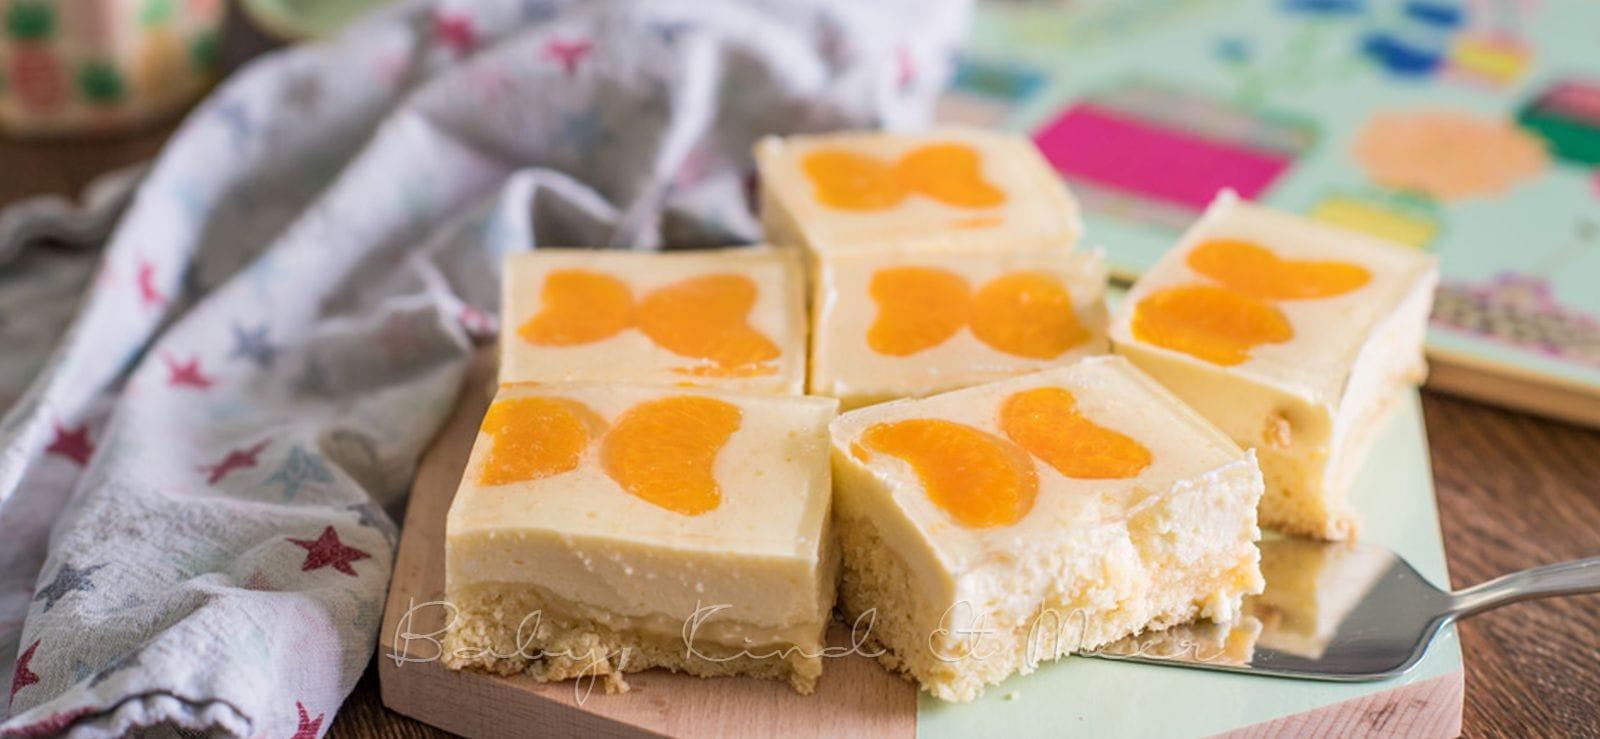 Rezept Quark Mandarinen Blechkuchen Rezepte Fur Familien Baby